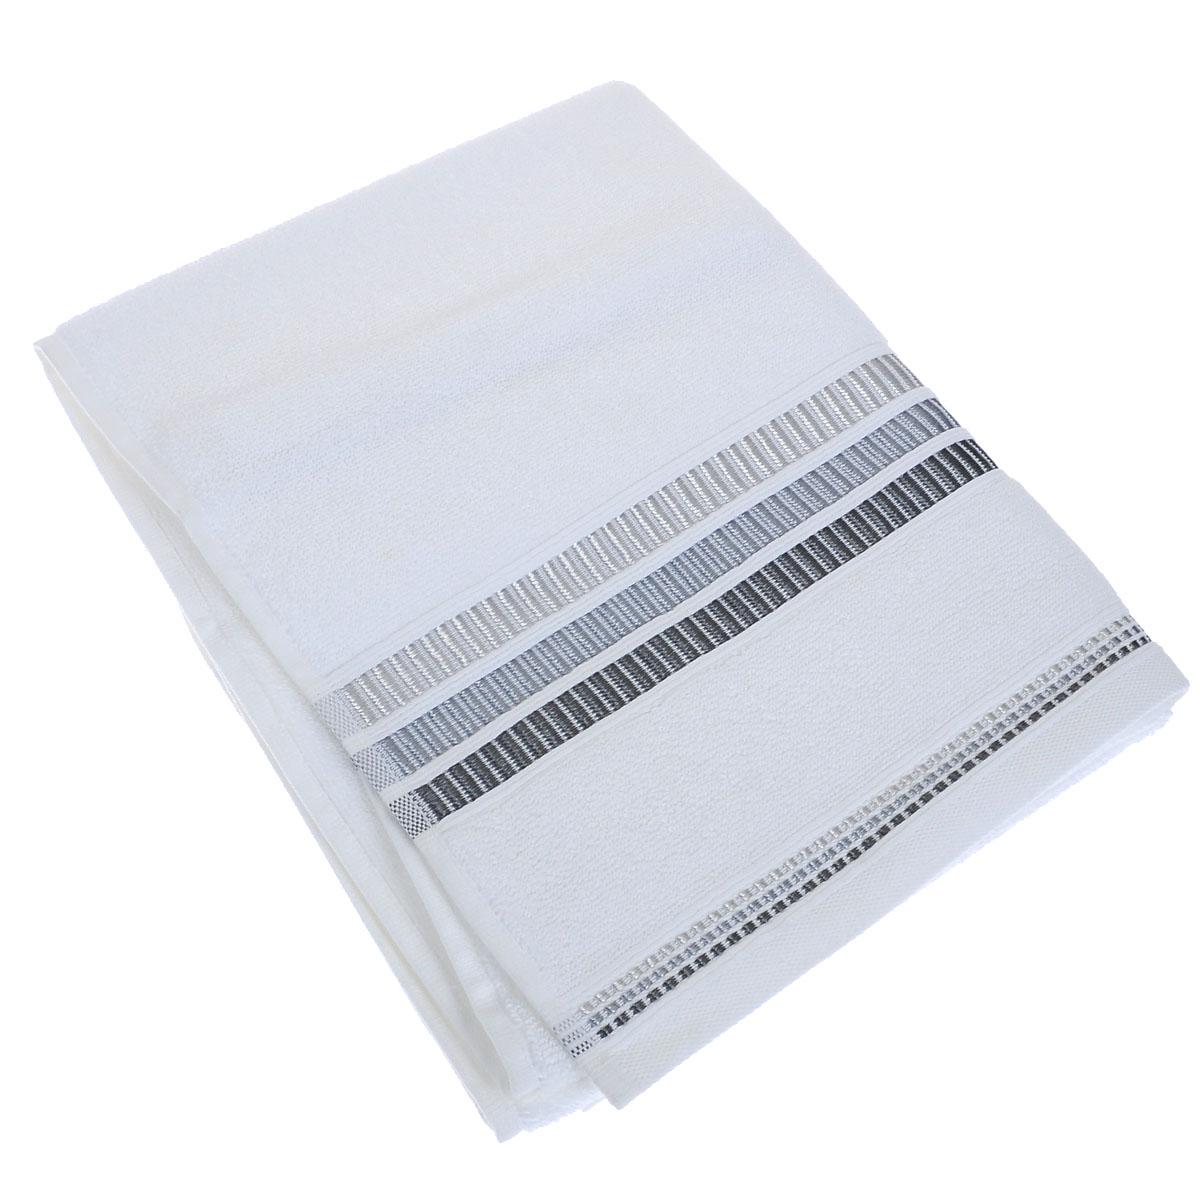 Полотенце махровое Coronet Пиано, цвет: белый, 50 см х 90 см1204Махровое полотенце Coronet Пиано, изготовленное из натурального хлопка, подарит массу положительных эмоций и приятных ощущений. Полотенце отличается нежностью и мягкостью материала, утонченным дизайном и превосходным качеством. Оно прекрасно впитывает влагу, быстро сохнет и не теряет своих свойств после многократных стирок. Махровое полотенце Coronet Пиано станет достойным выбором для вас и приятным подарком для ваших близких. Мягкость и высокое качество материала, из которого изготовлены полотенца не оставит вас равнодушными.